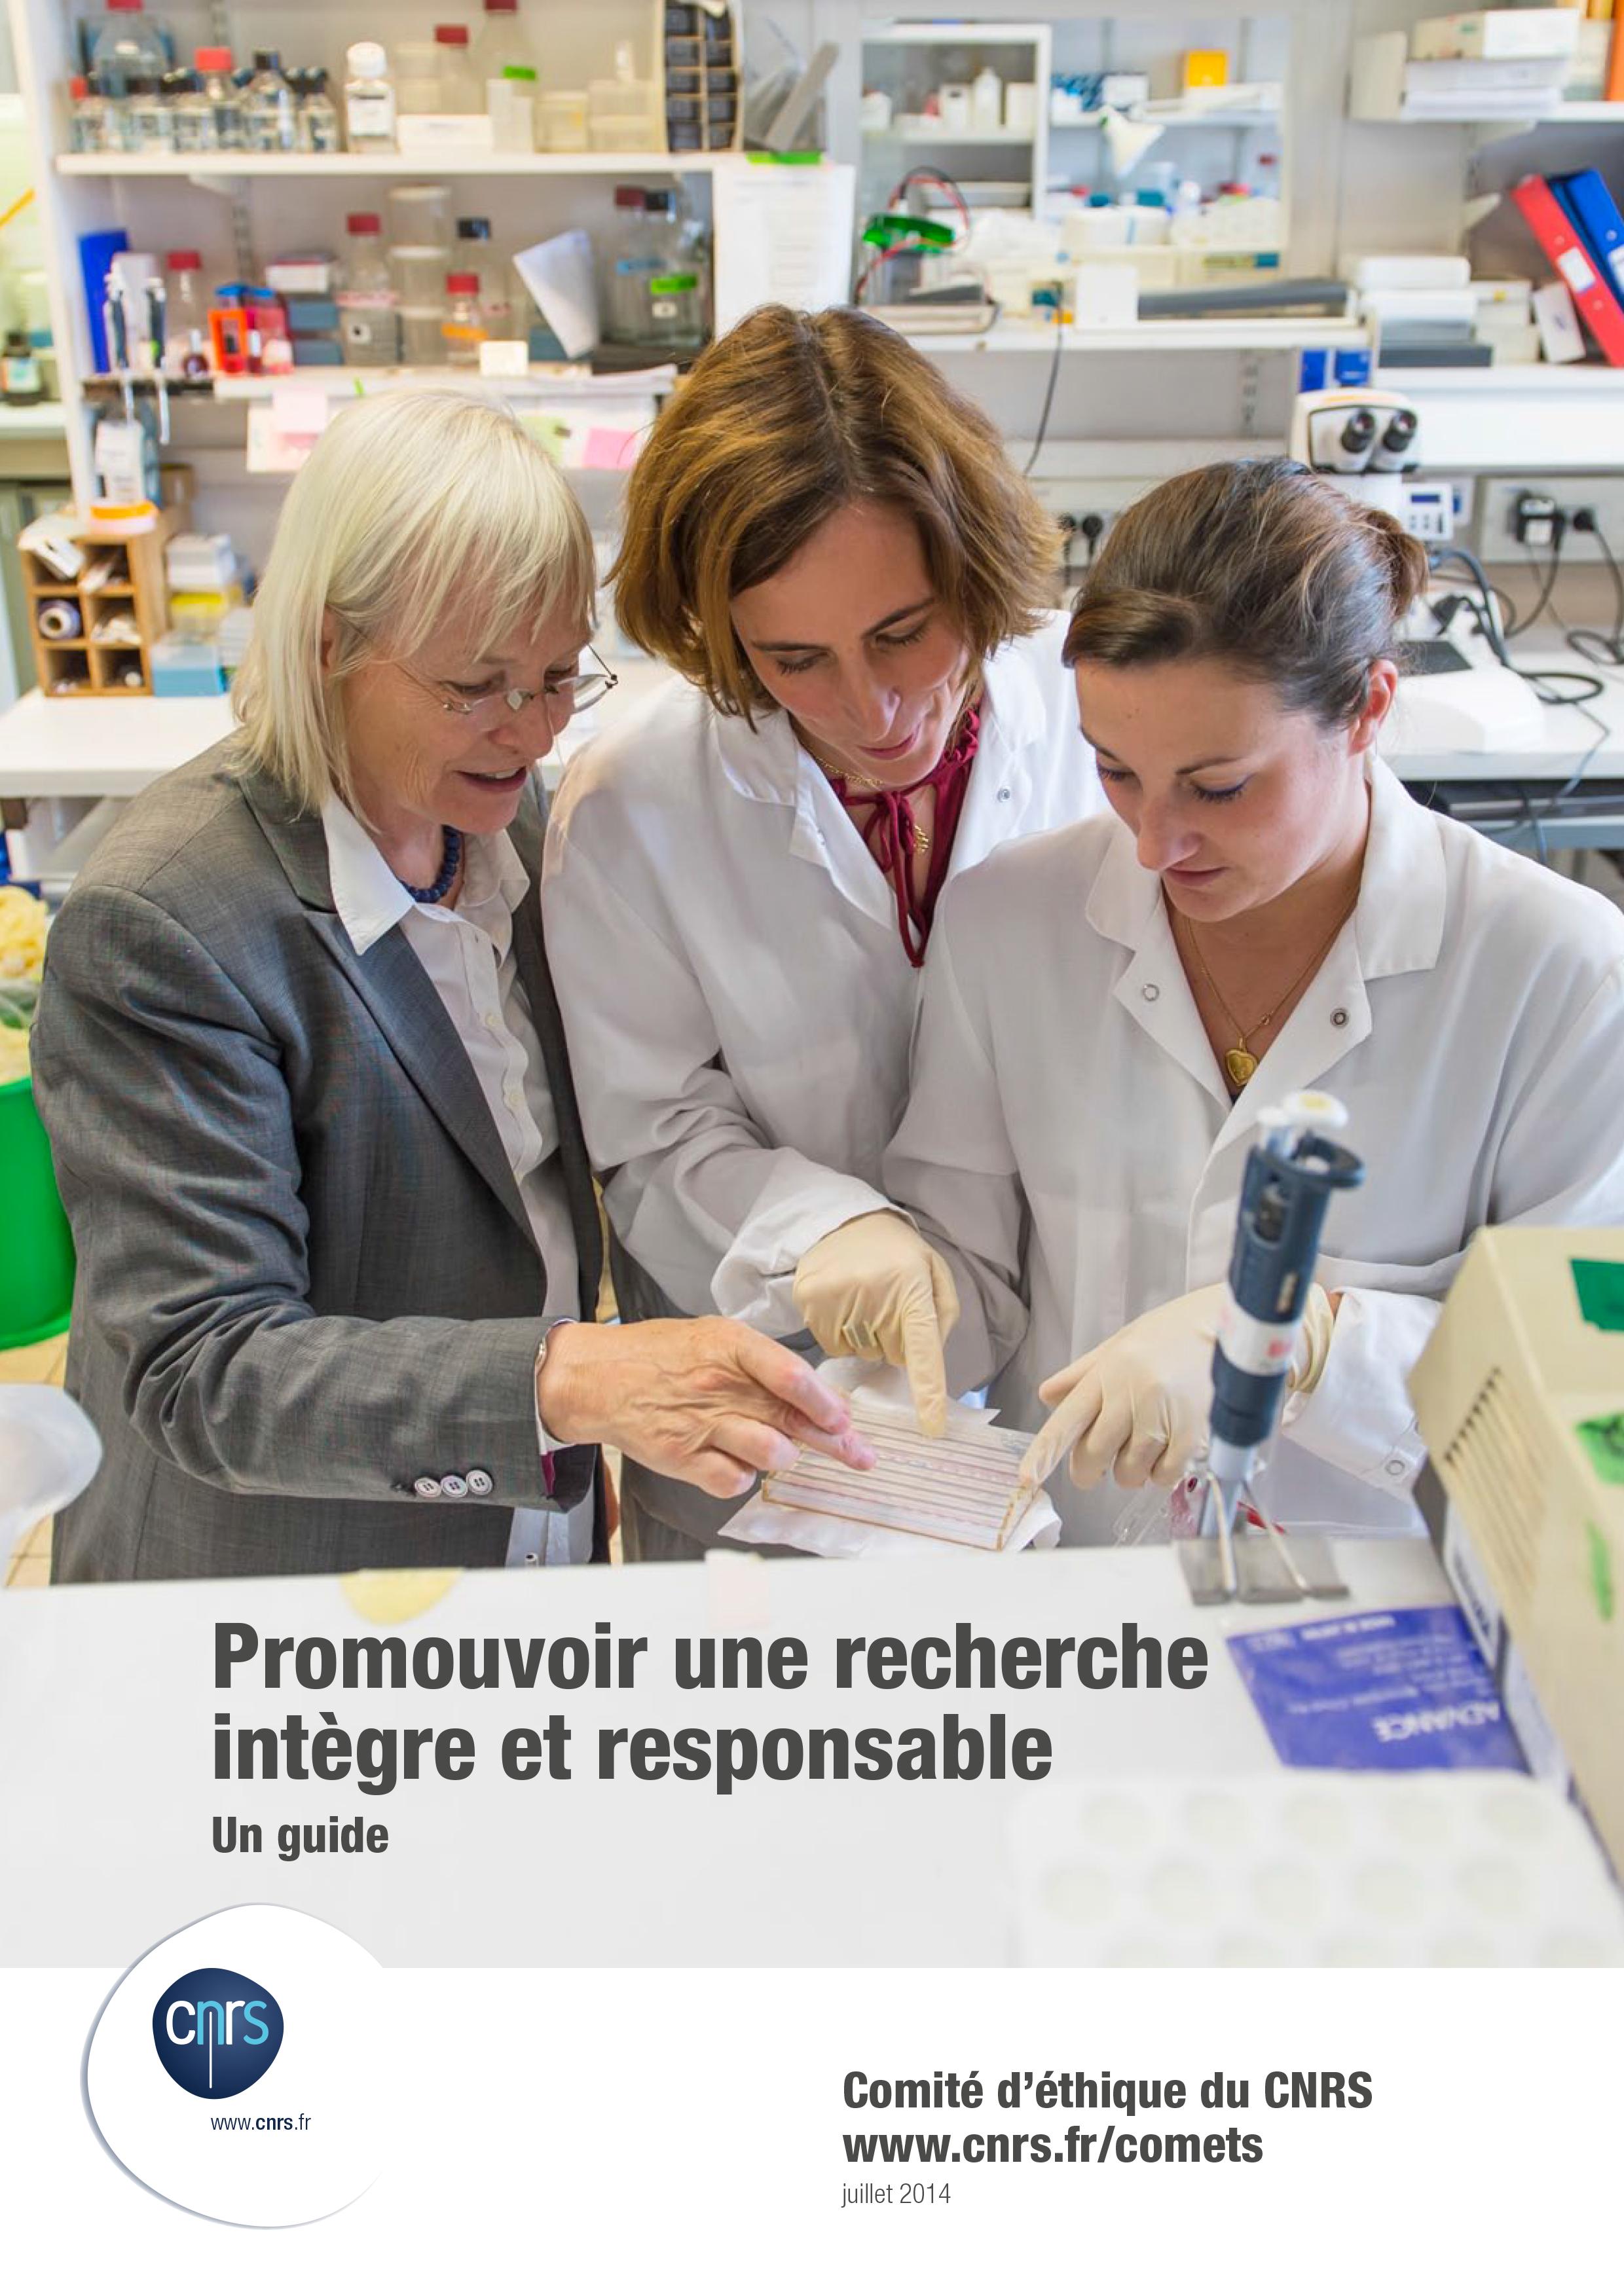 Comité d'éthique du CNRS, 2014